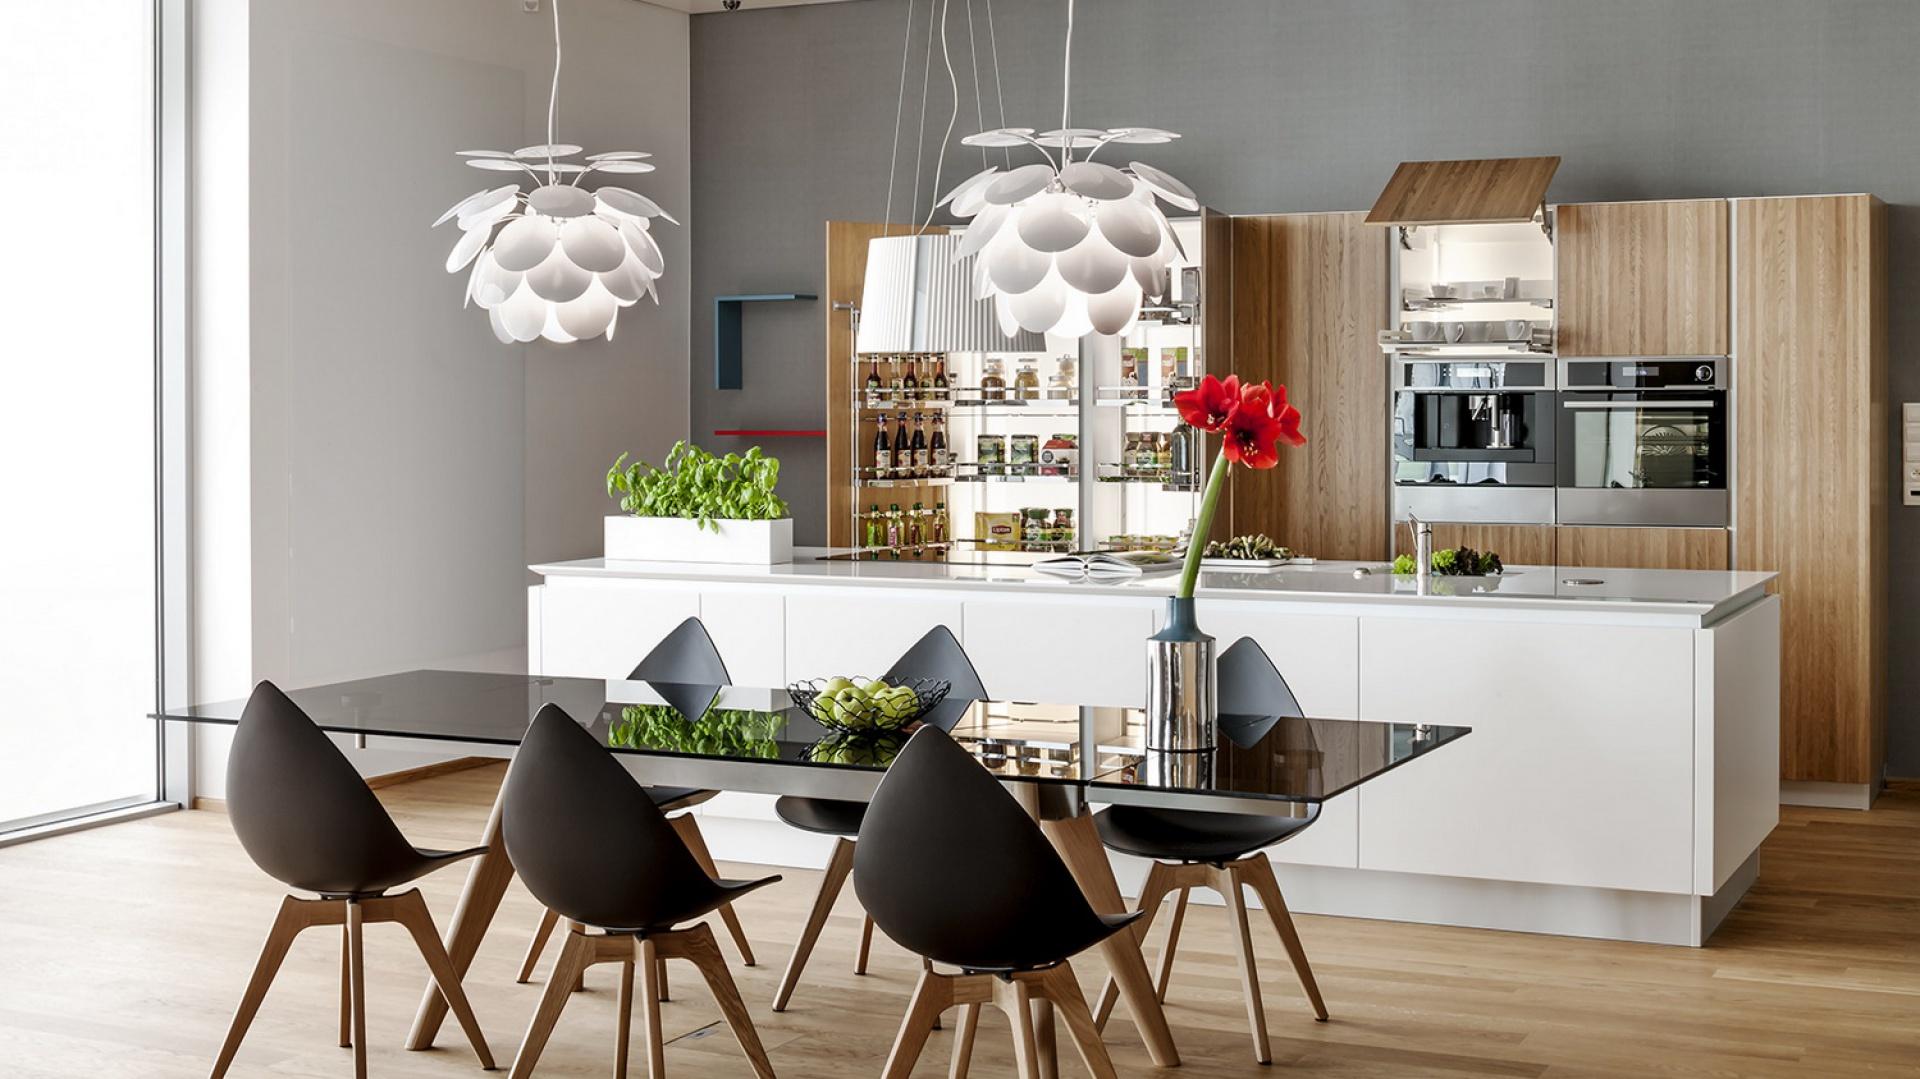 Trójkąt roboczy wyznaczają najważniejsze sprzęty w kuchni – lodówka, płyta grzewcza i zlewozmywak. Fot. Peka.